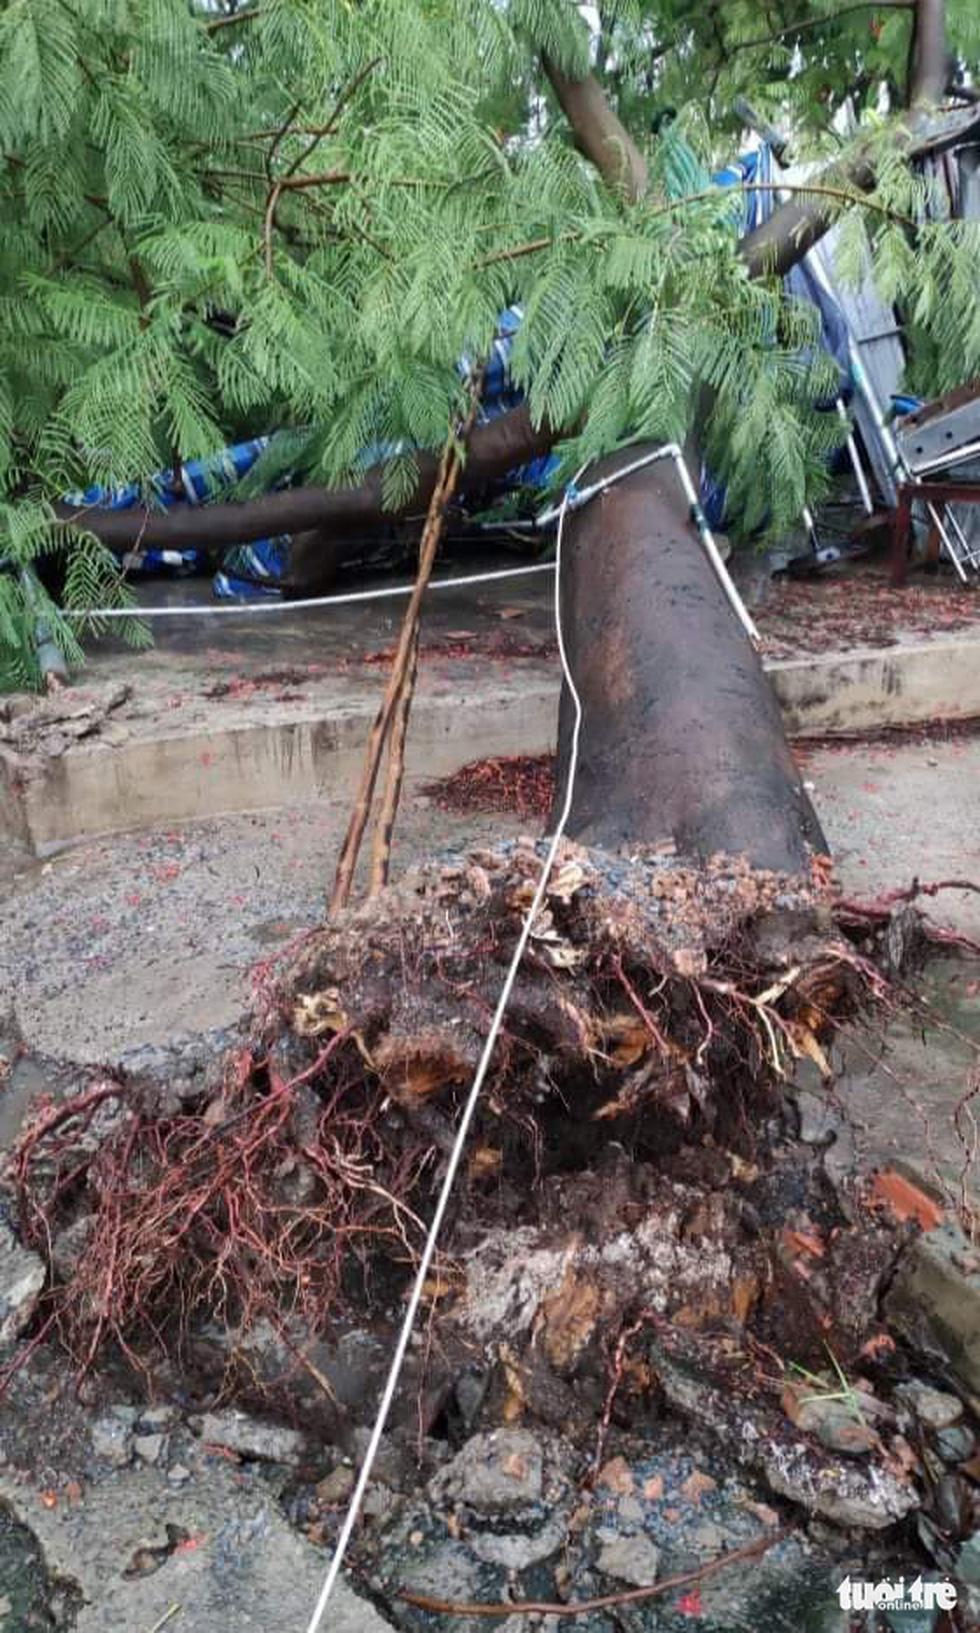 TP.HCM mưa gió mù mịt 2 tiếng: đường ngập khắp nơi, cây đổ, xe ngã... - Ảnh 3.